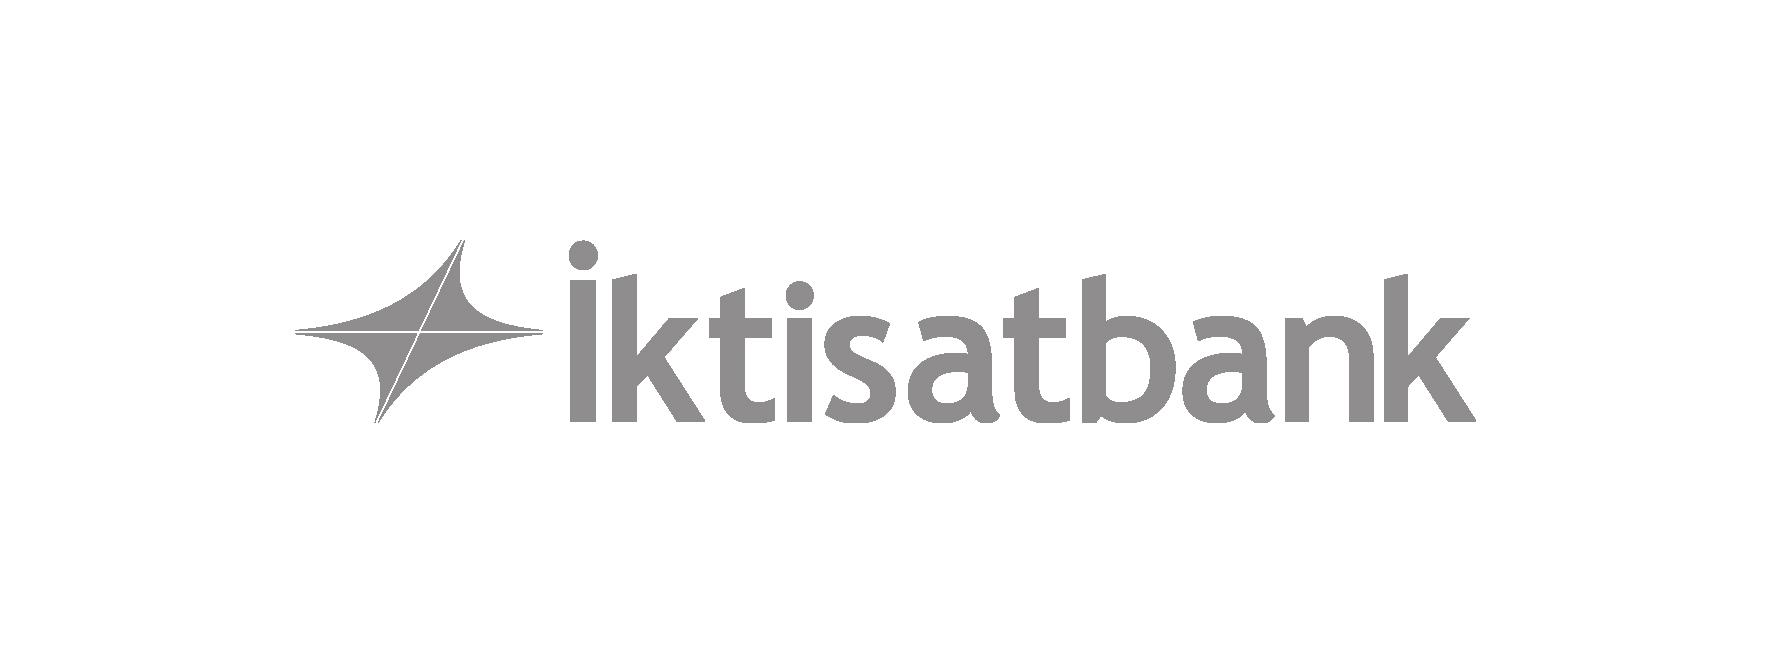 iktisatbank